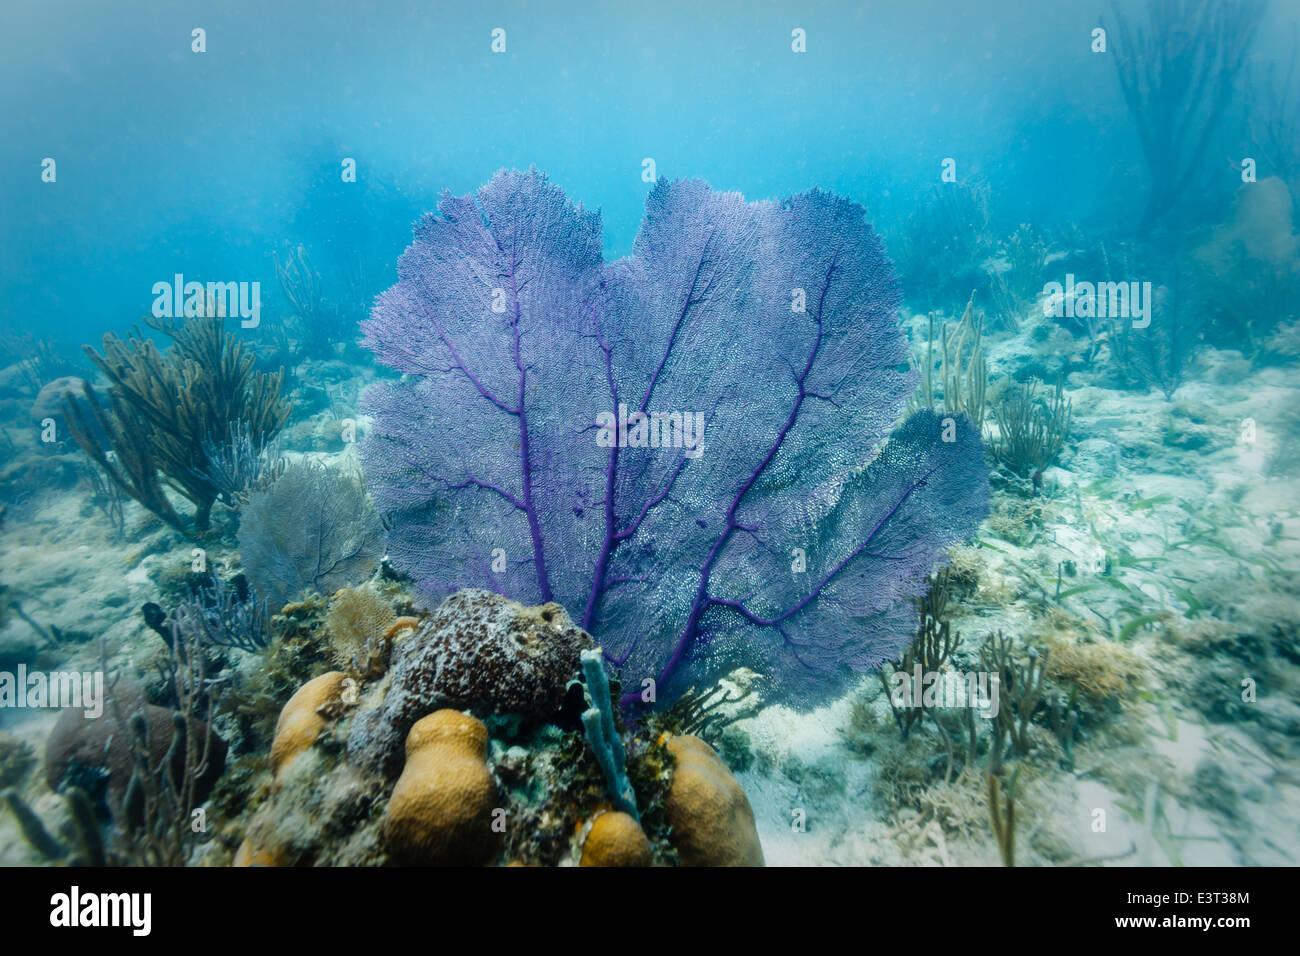 Viola mare fan visualizzata sul disco di colonie di corallo sulla barriera corallina off costa del Belize Immagini Stock